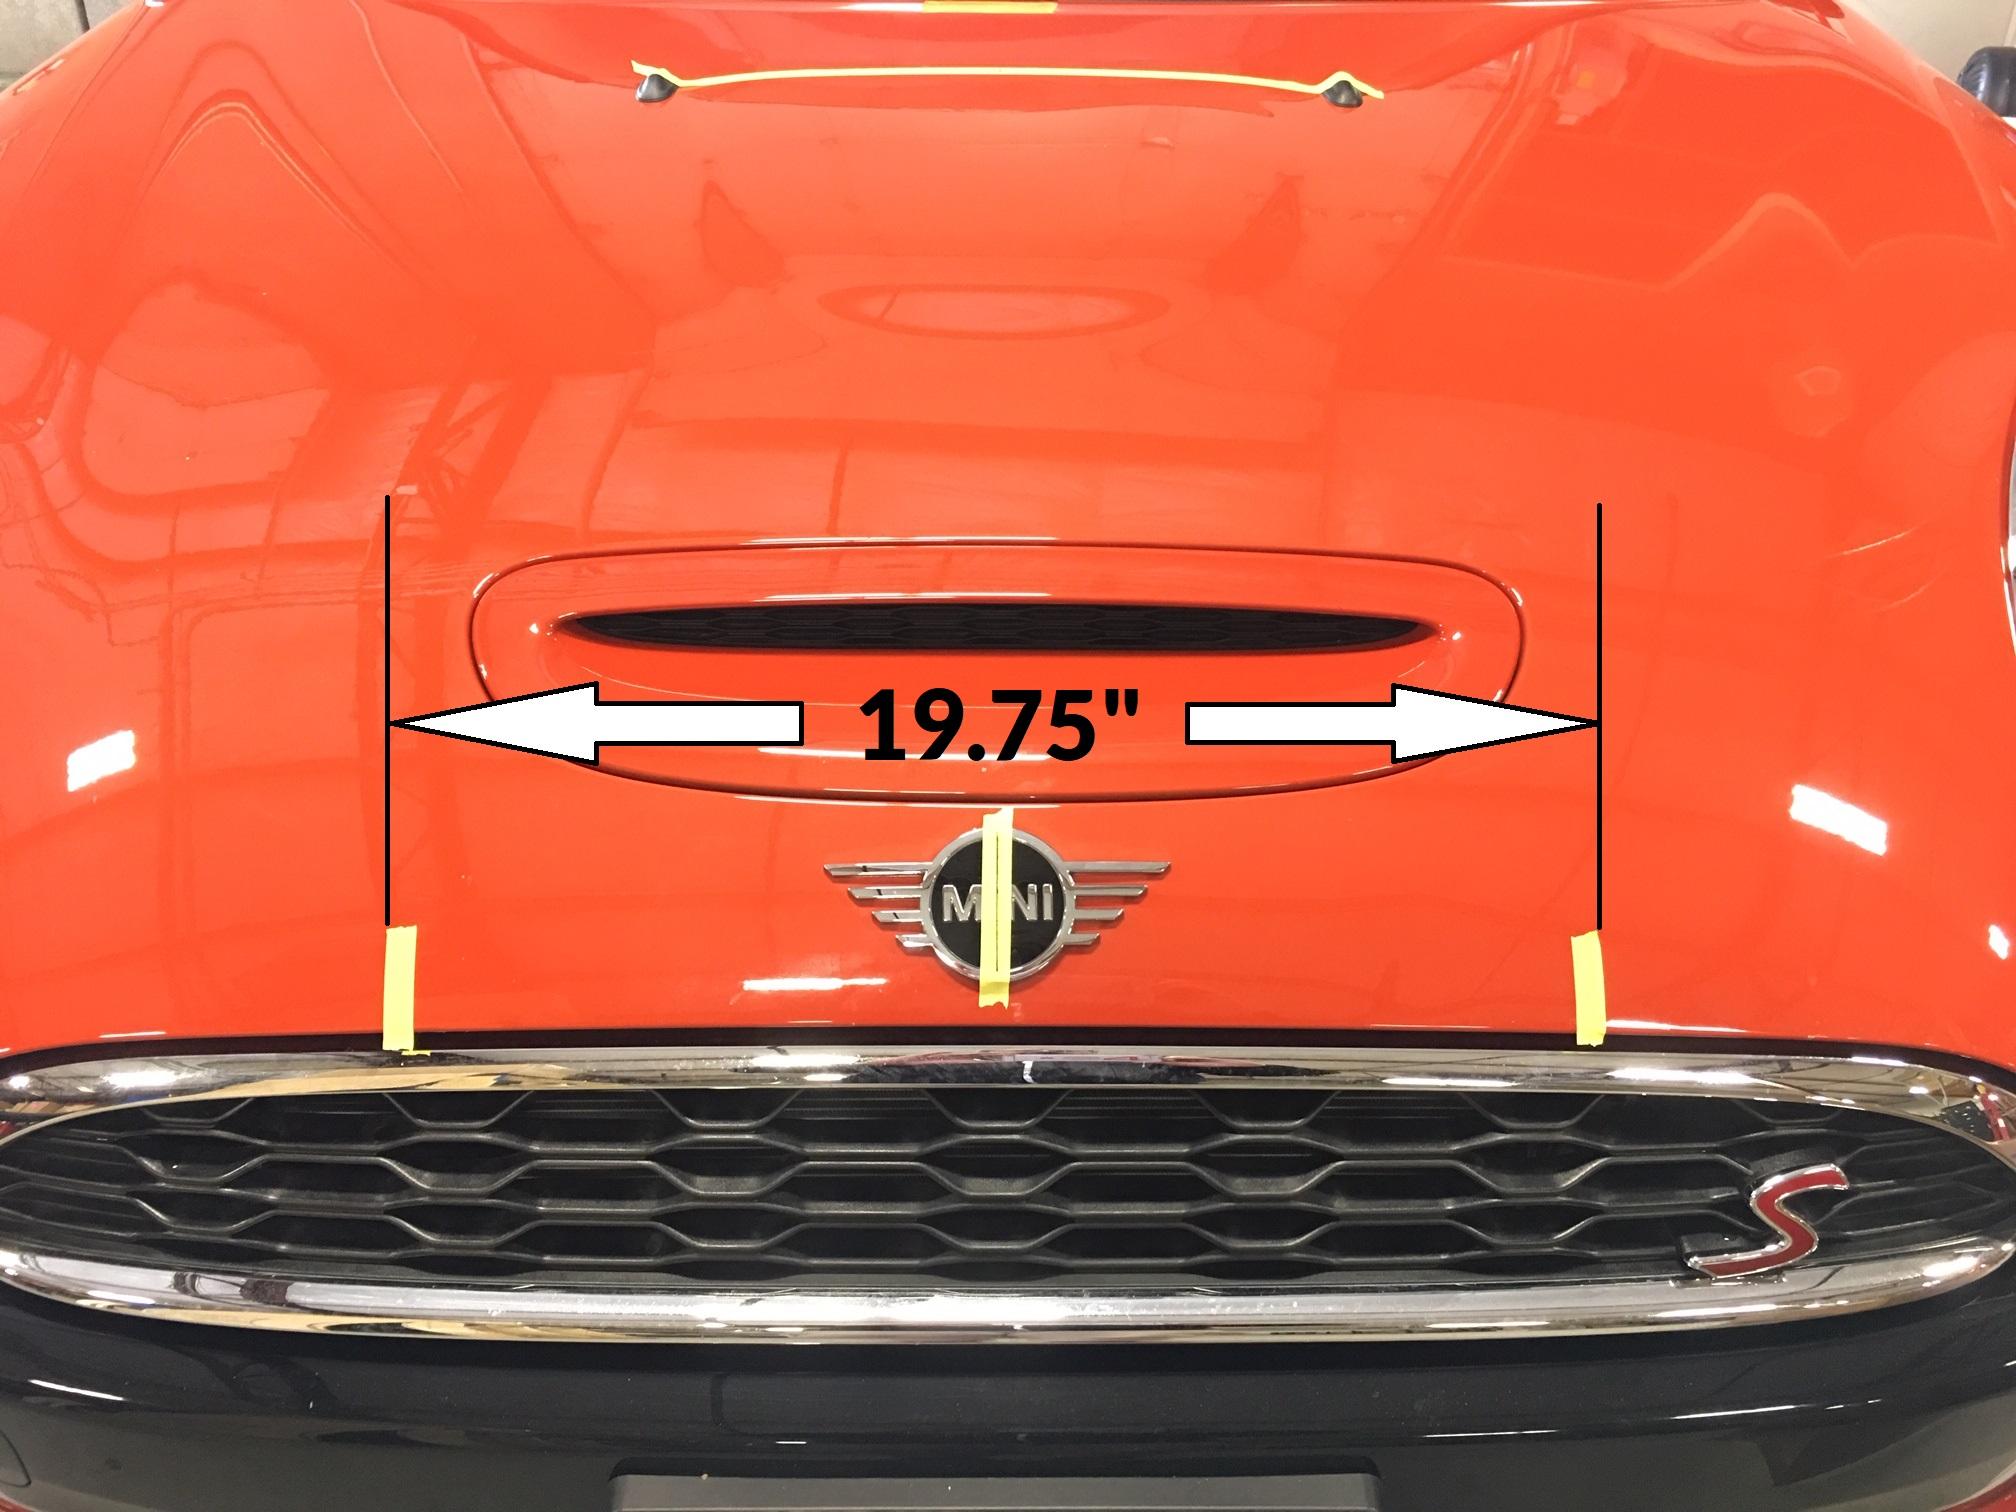 MINI F55/F56 Hood Stripe Decal Kit Installation Guide